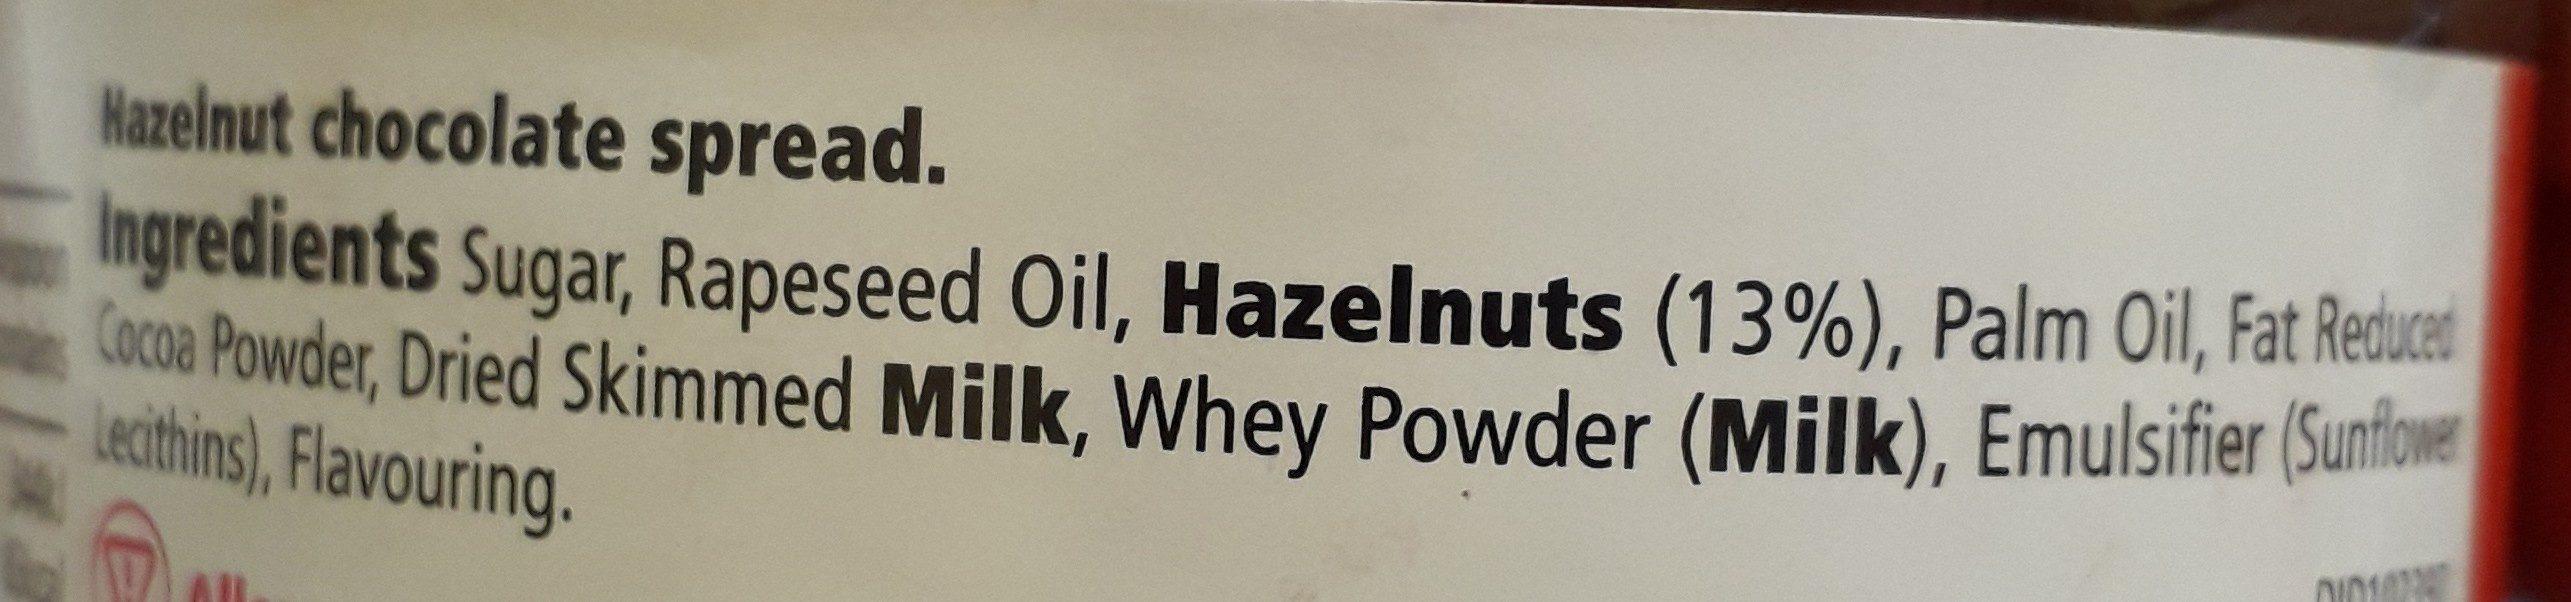 Tesco Hazlenut Chocolate Spread 400G - Ingrediënten - en